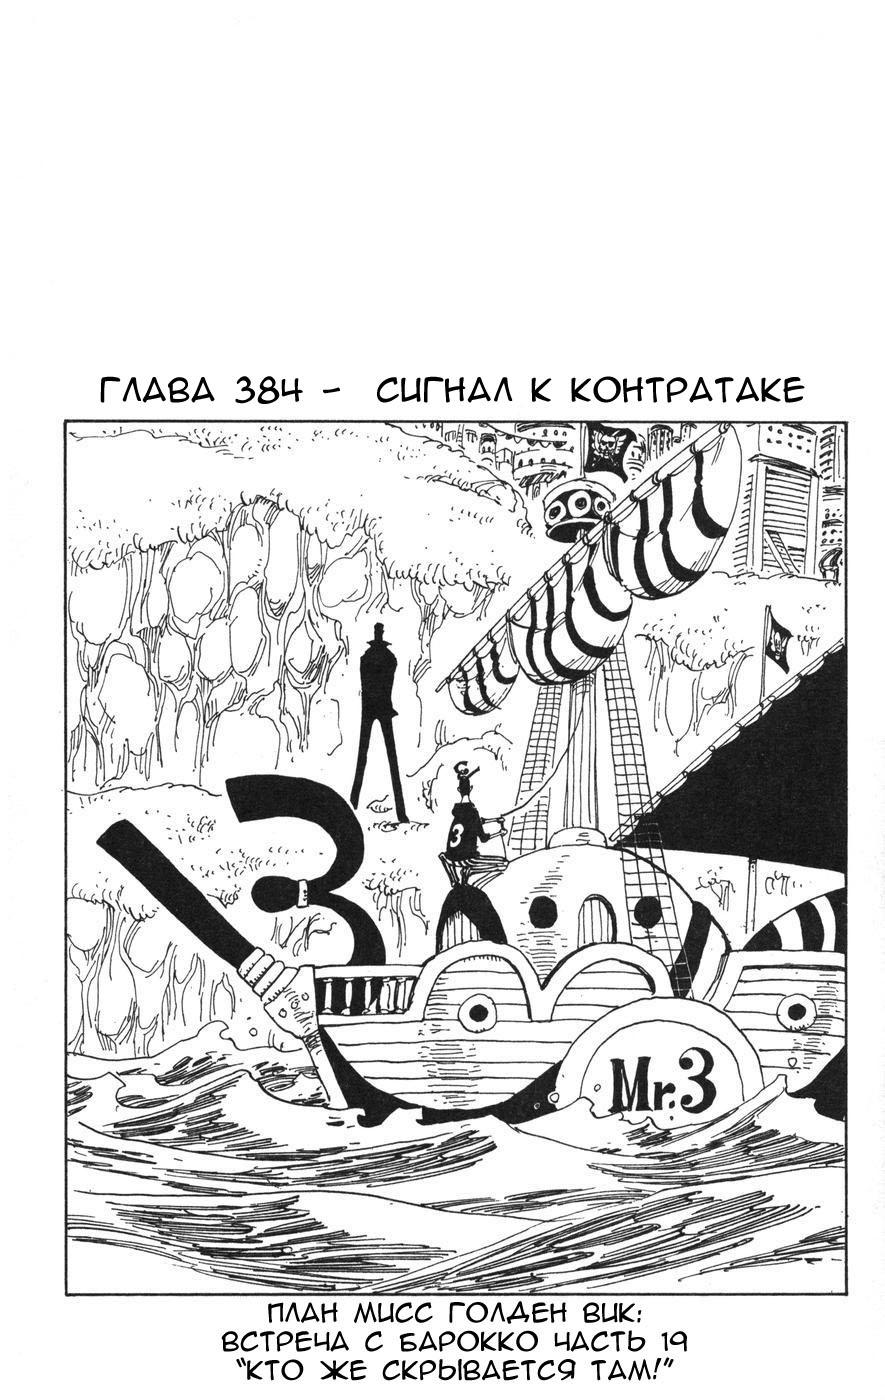 Манга One Piece / Ван Пис Манга One Piece Глава # 384 - Сигнал к контратаке, страница 1